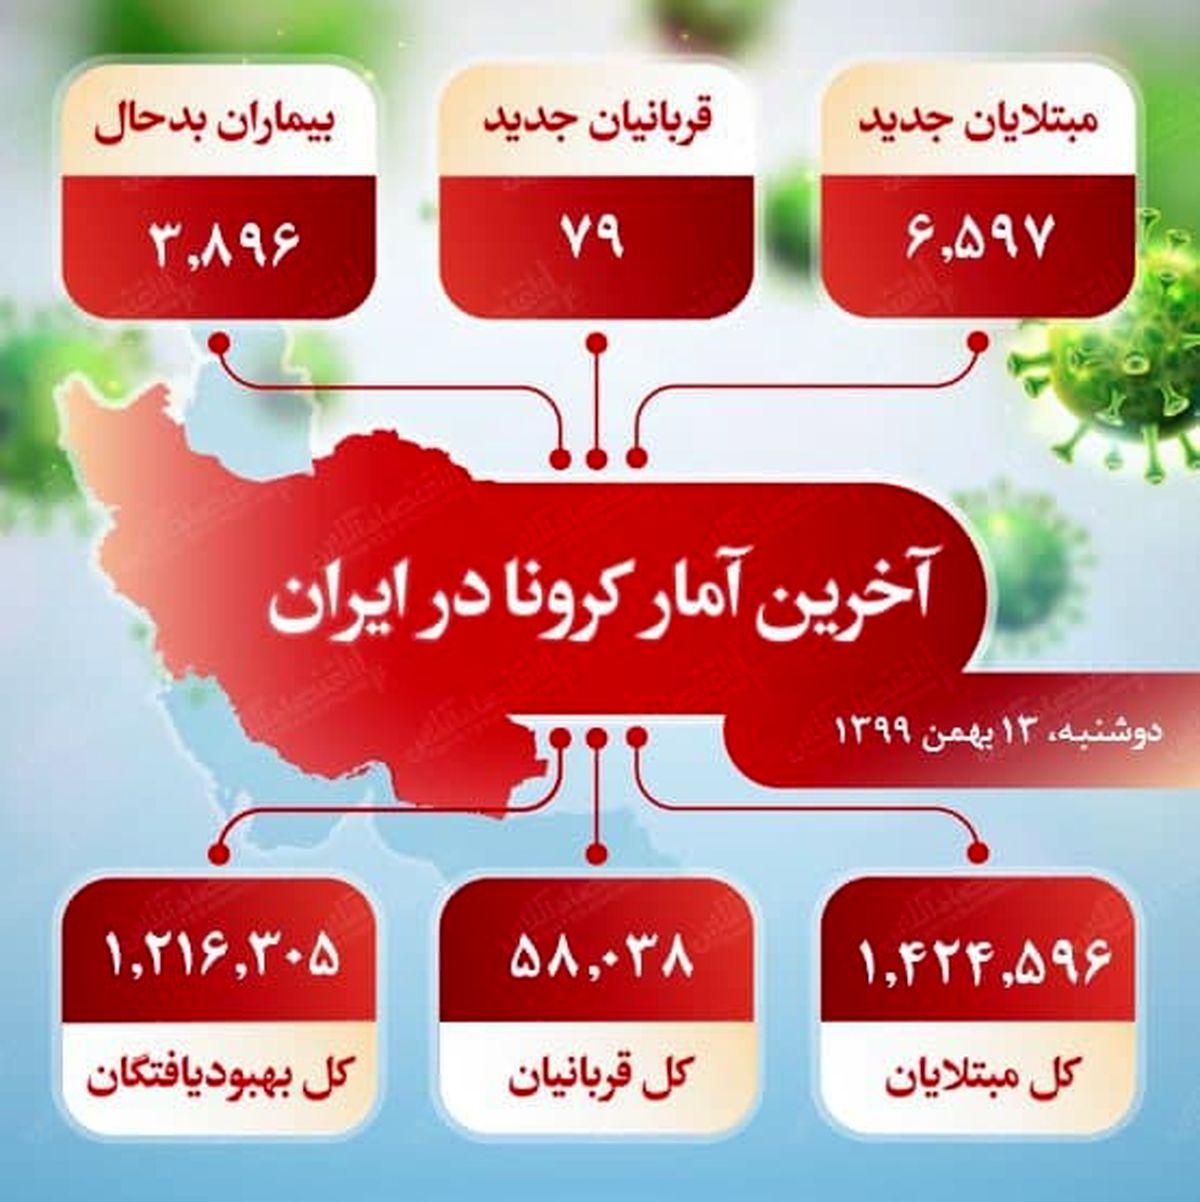 آخرین آمار کرونا در ایران (۹۹/۱۱/۱۳)